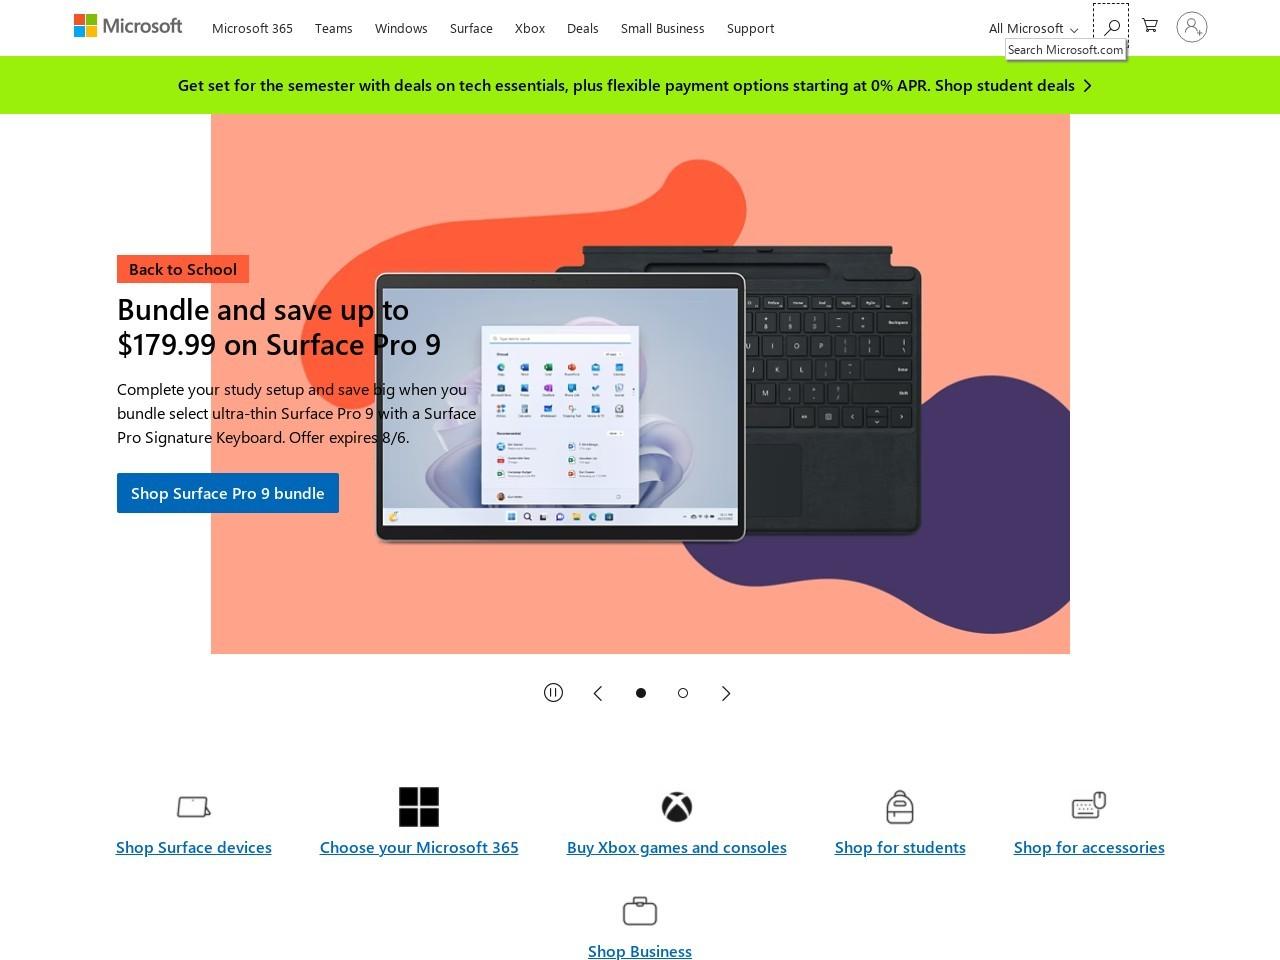 Microsoft Surface 컴퓨터, 노트북, 투인원 및 장치 공식 홈 페이지